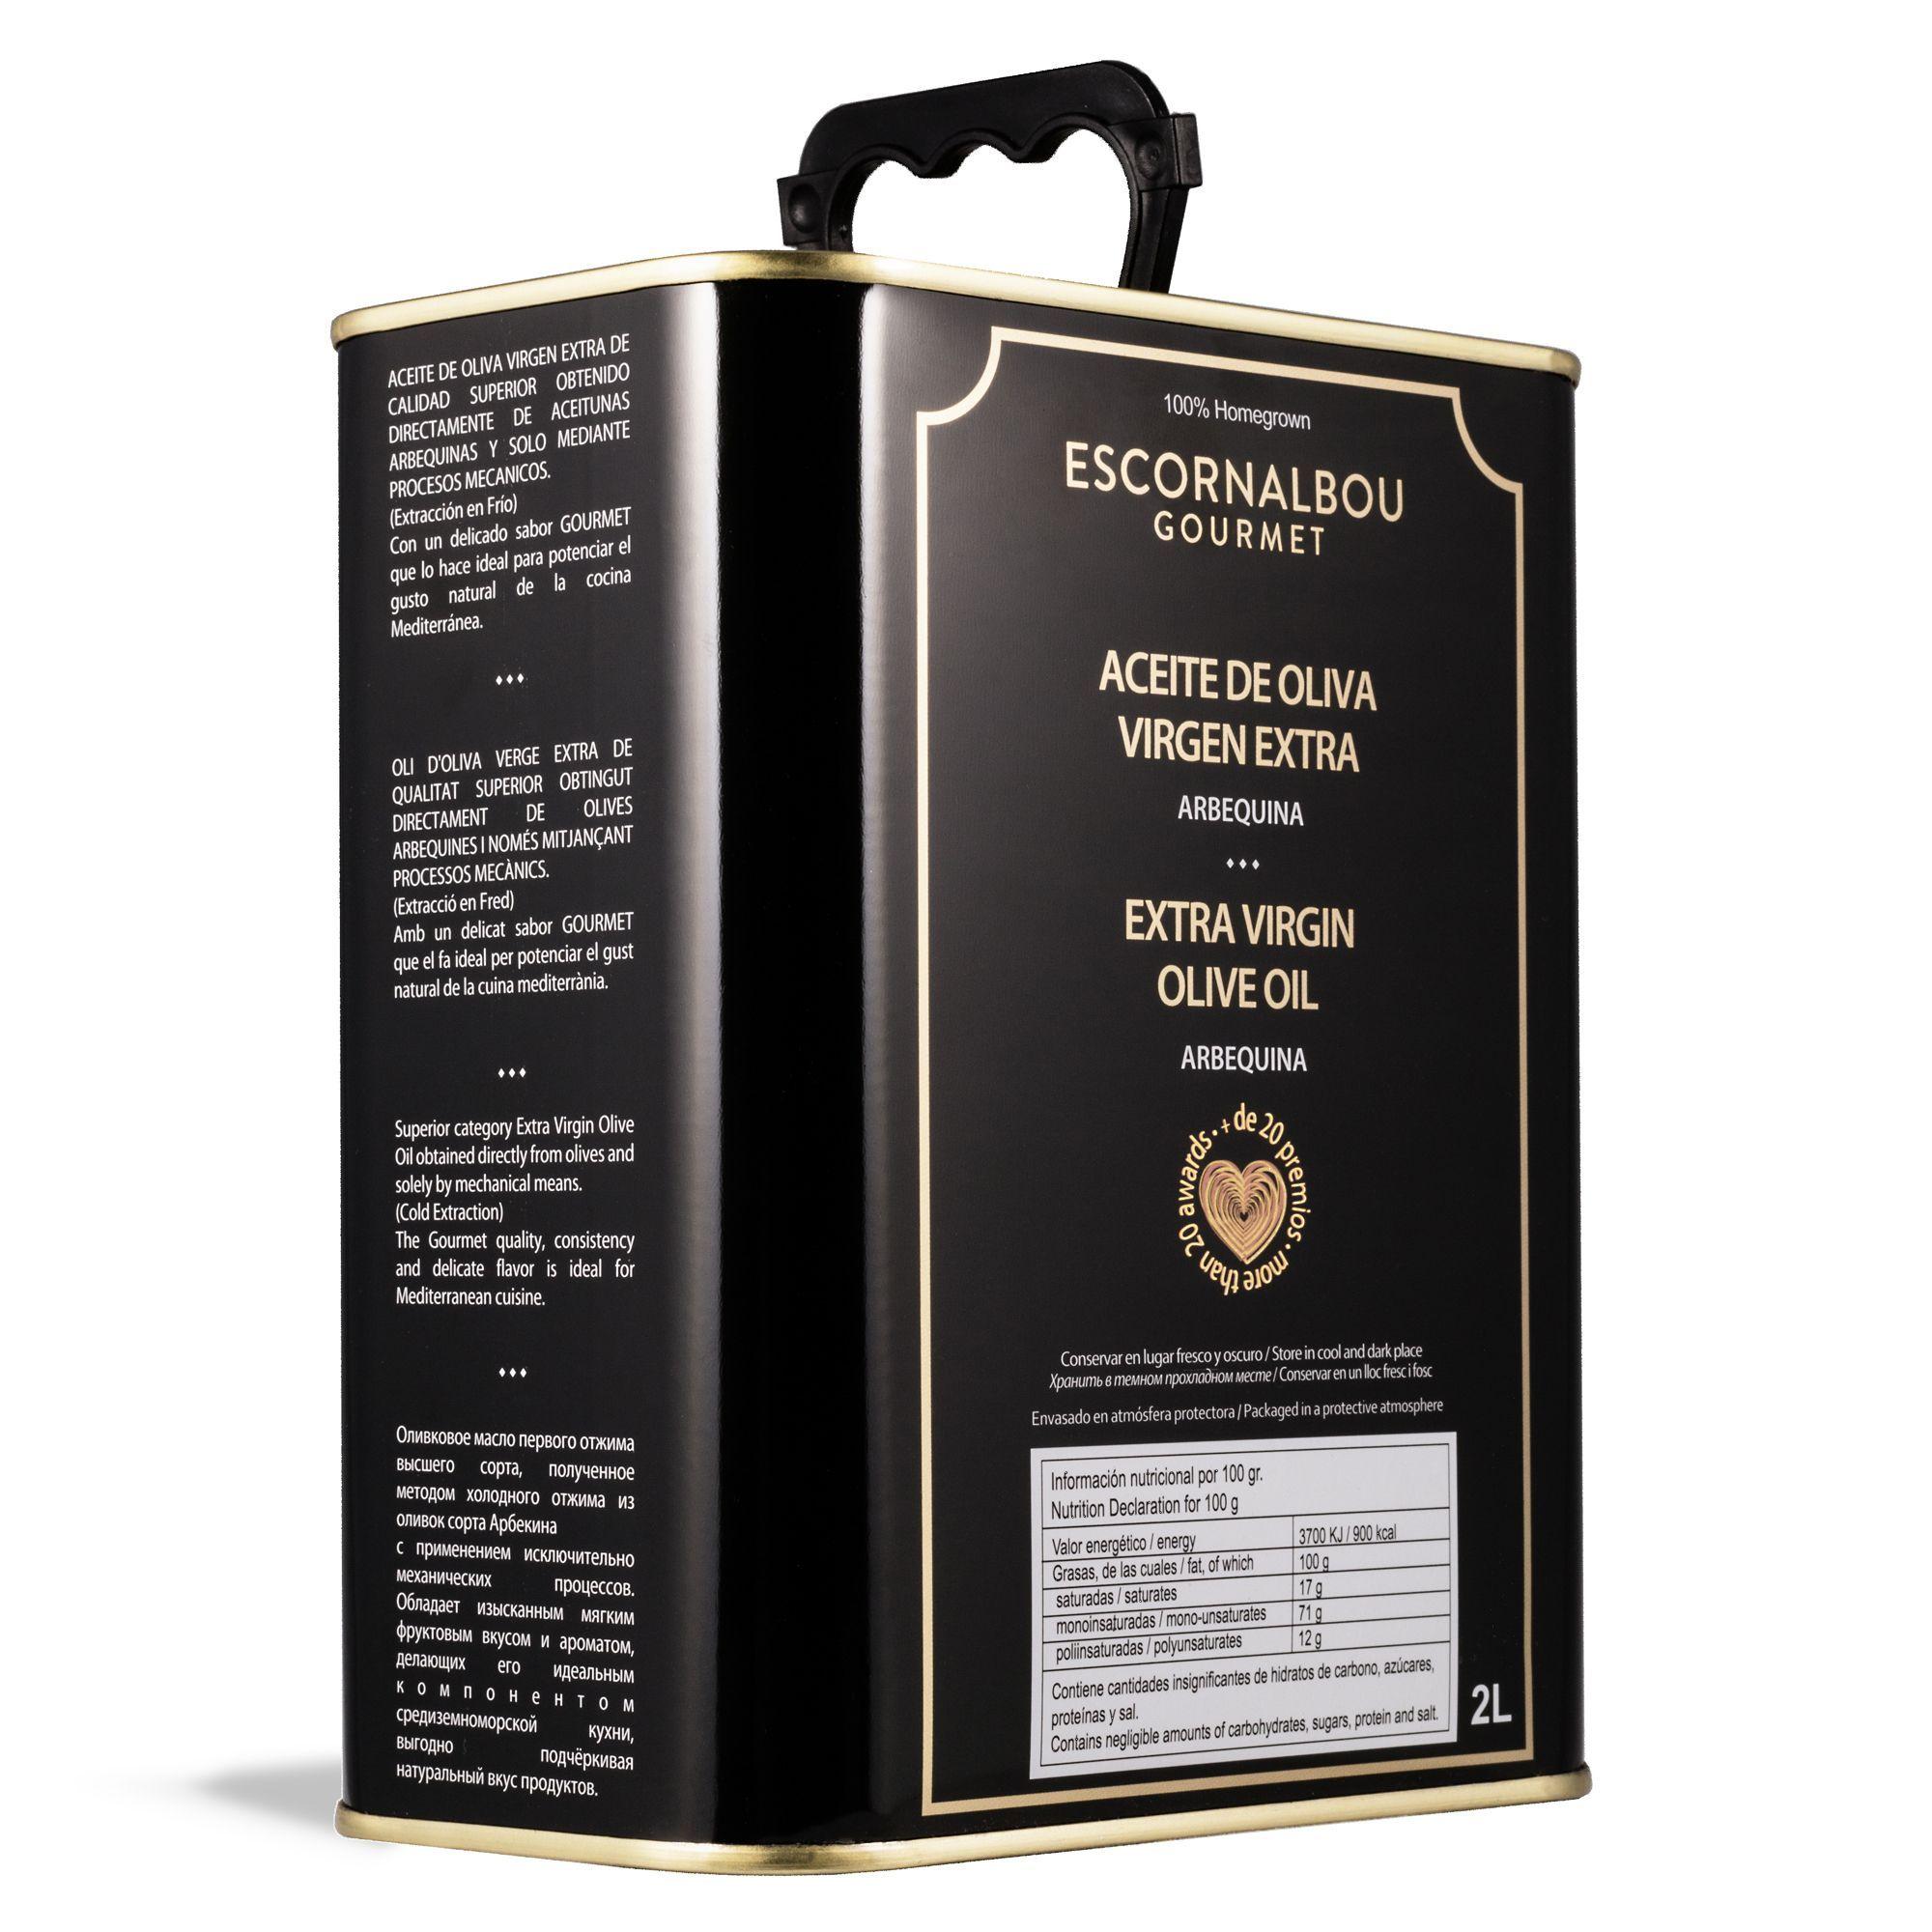 Lata INOX de AOVE con acabado premium de 2L. Aceite De Oliva Virgen Extra 100% Arbequina – Escornalbou Gourmet. Producto con propiedades cardiosaludables. Más de 20 premios.